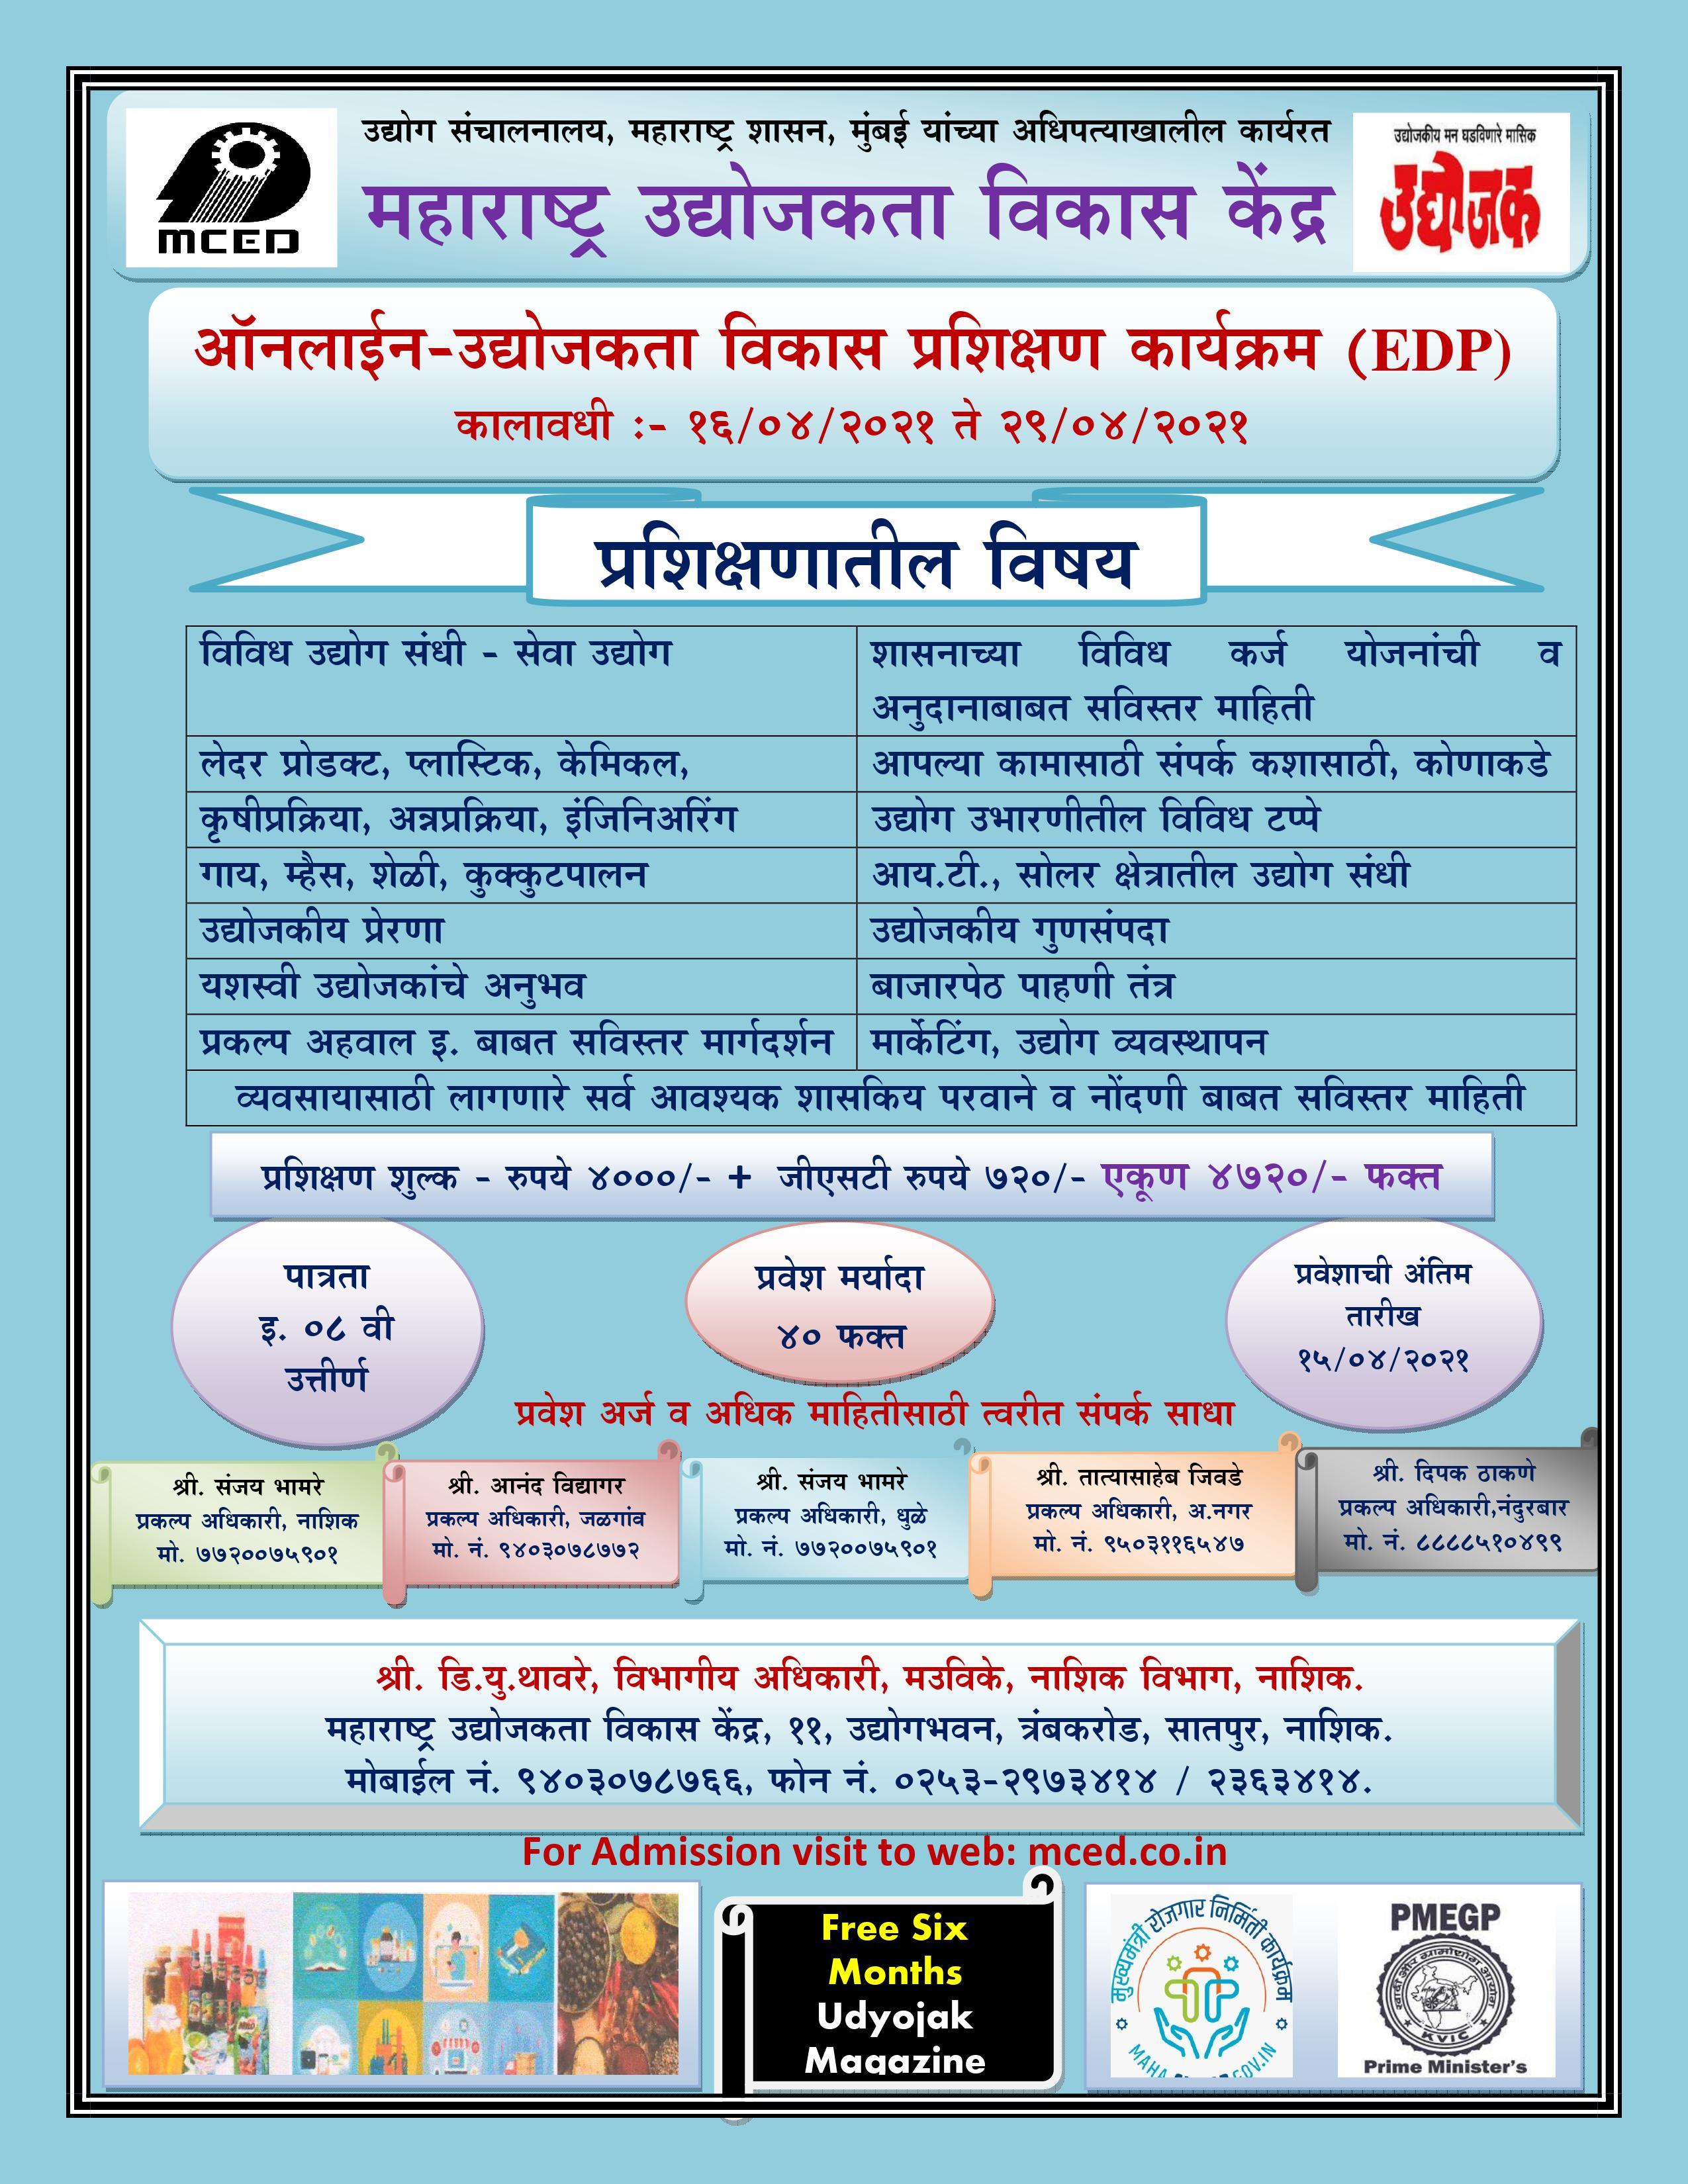 Online - Entrepreneurship Development Programme